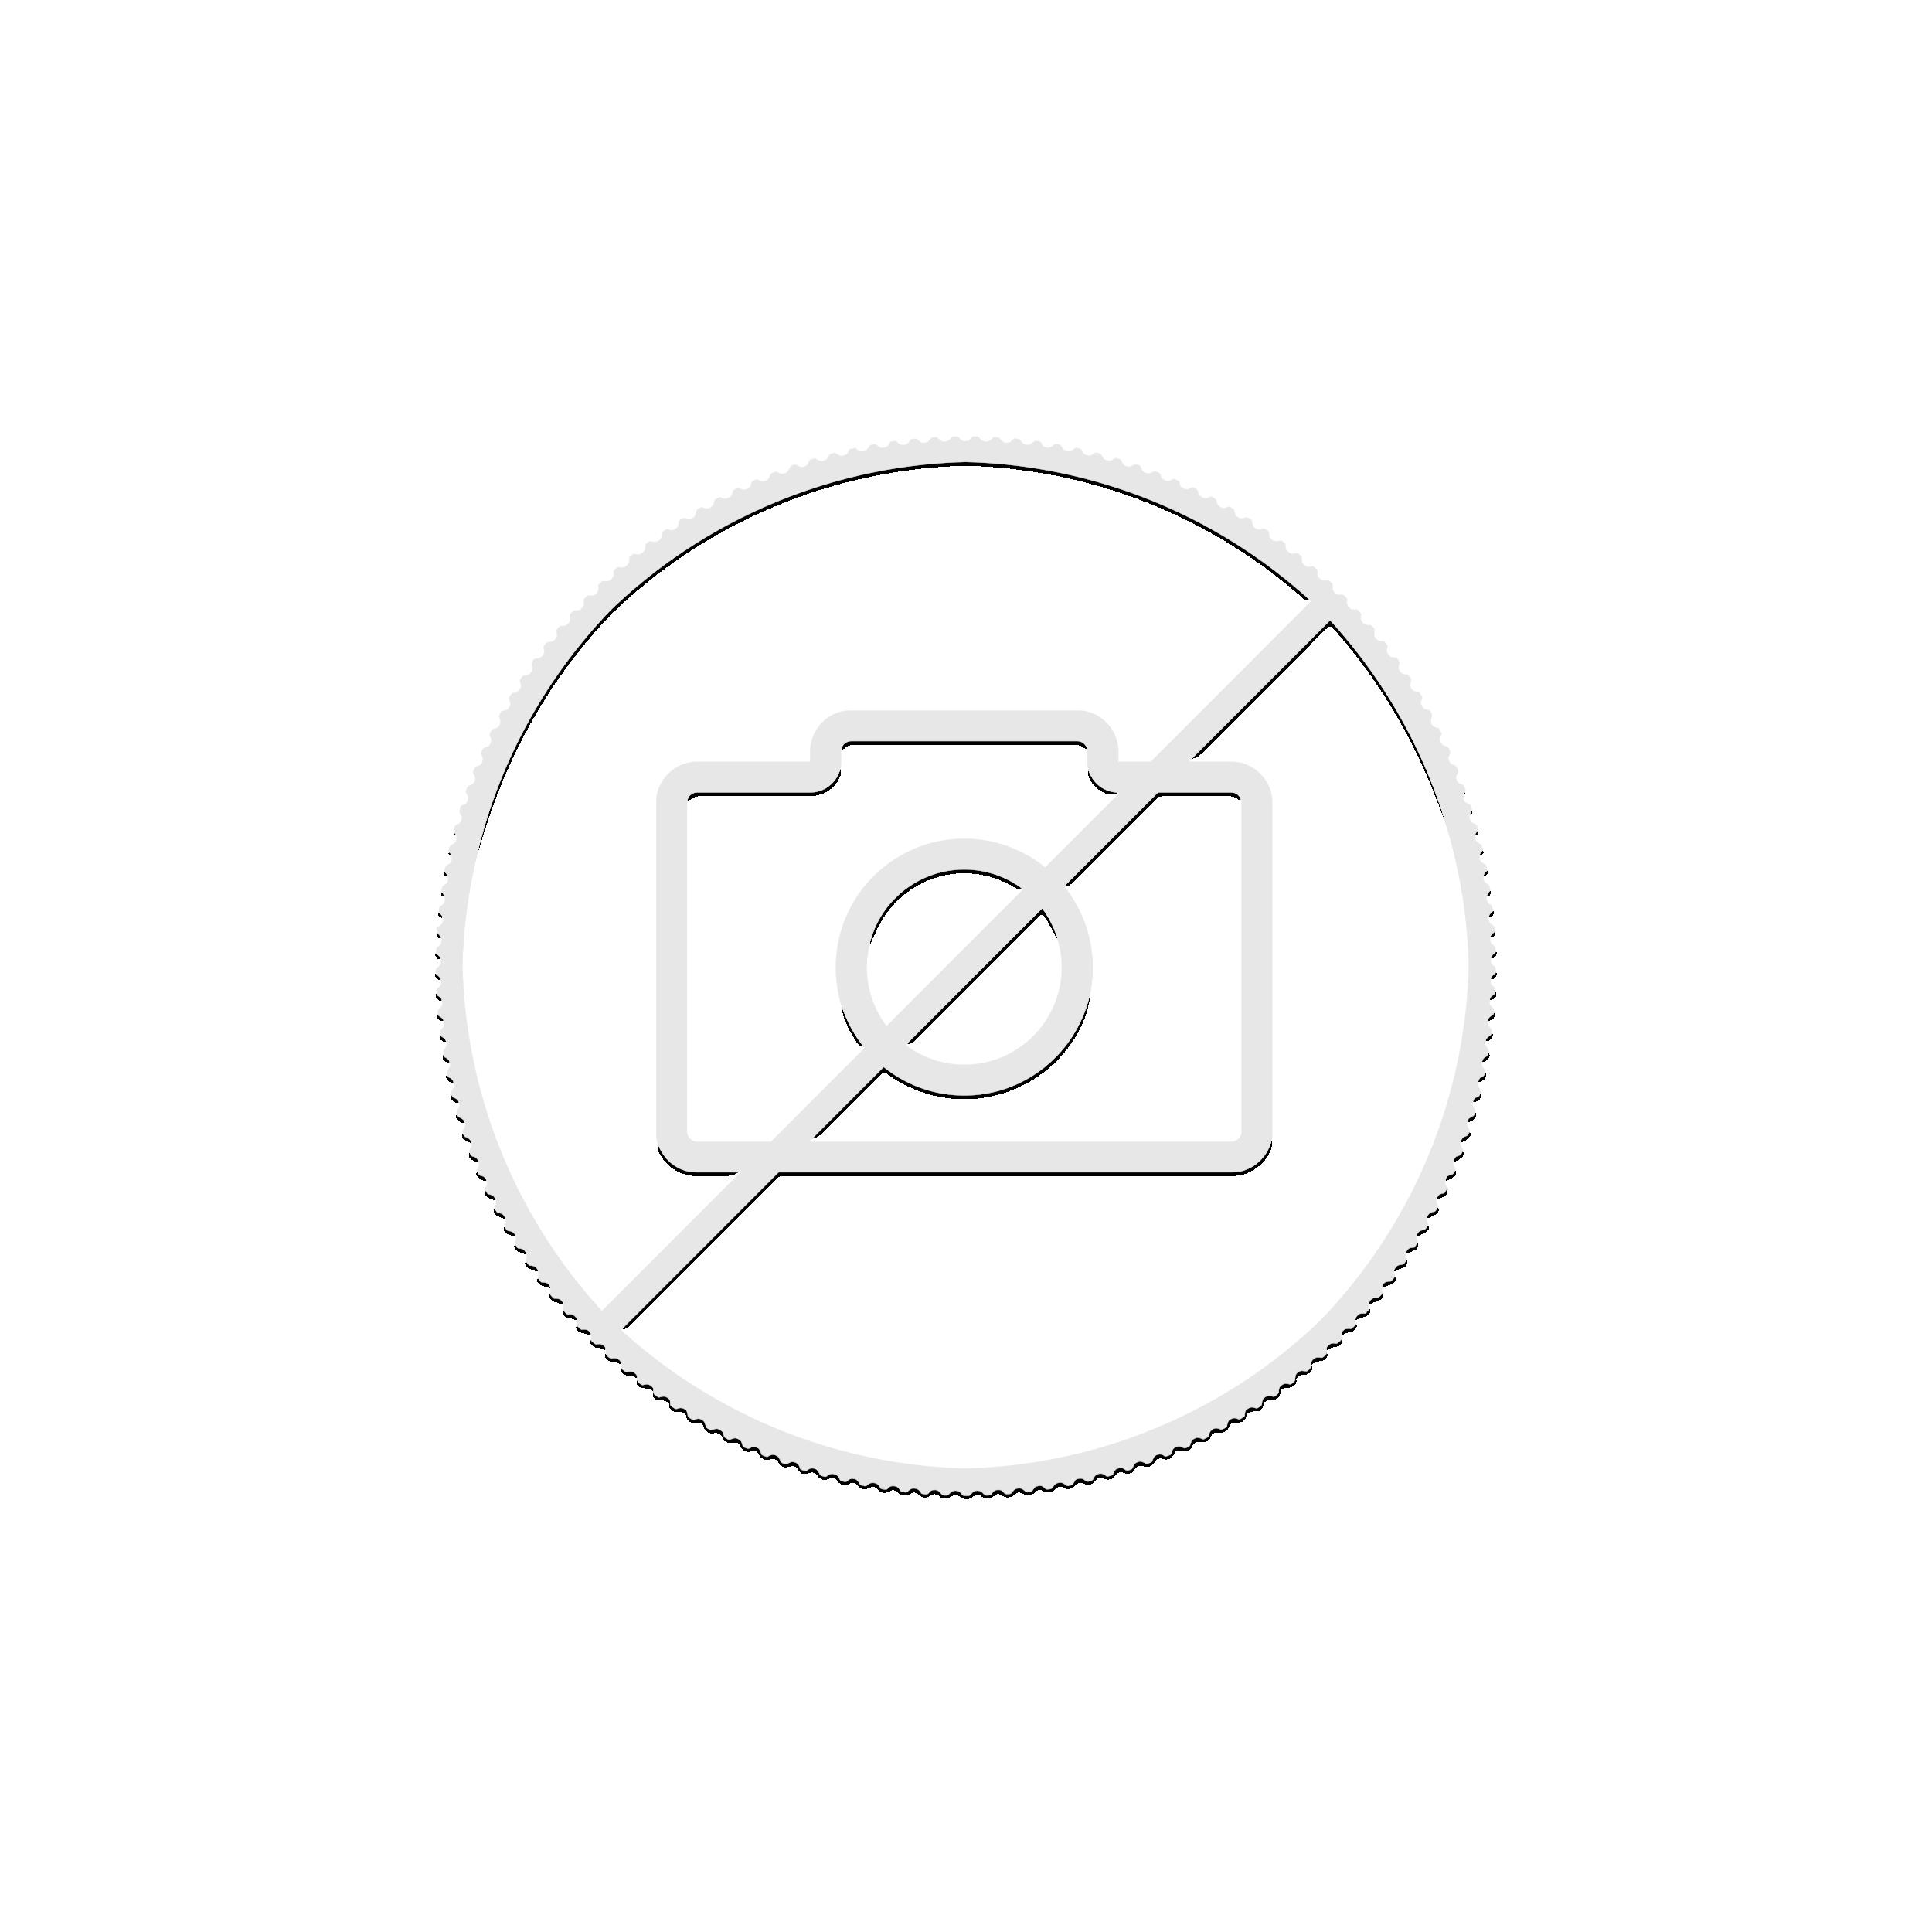 15 Grams gold coin Panda 2018